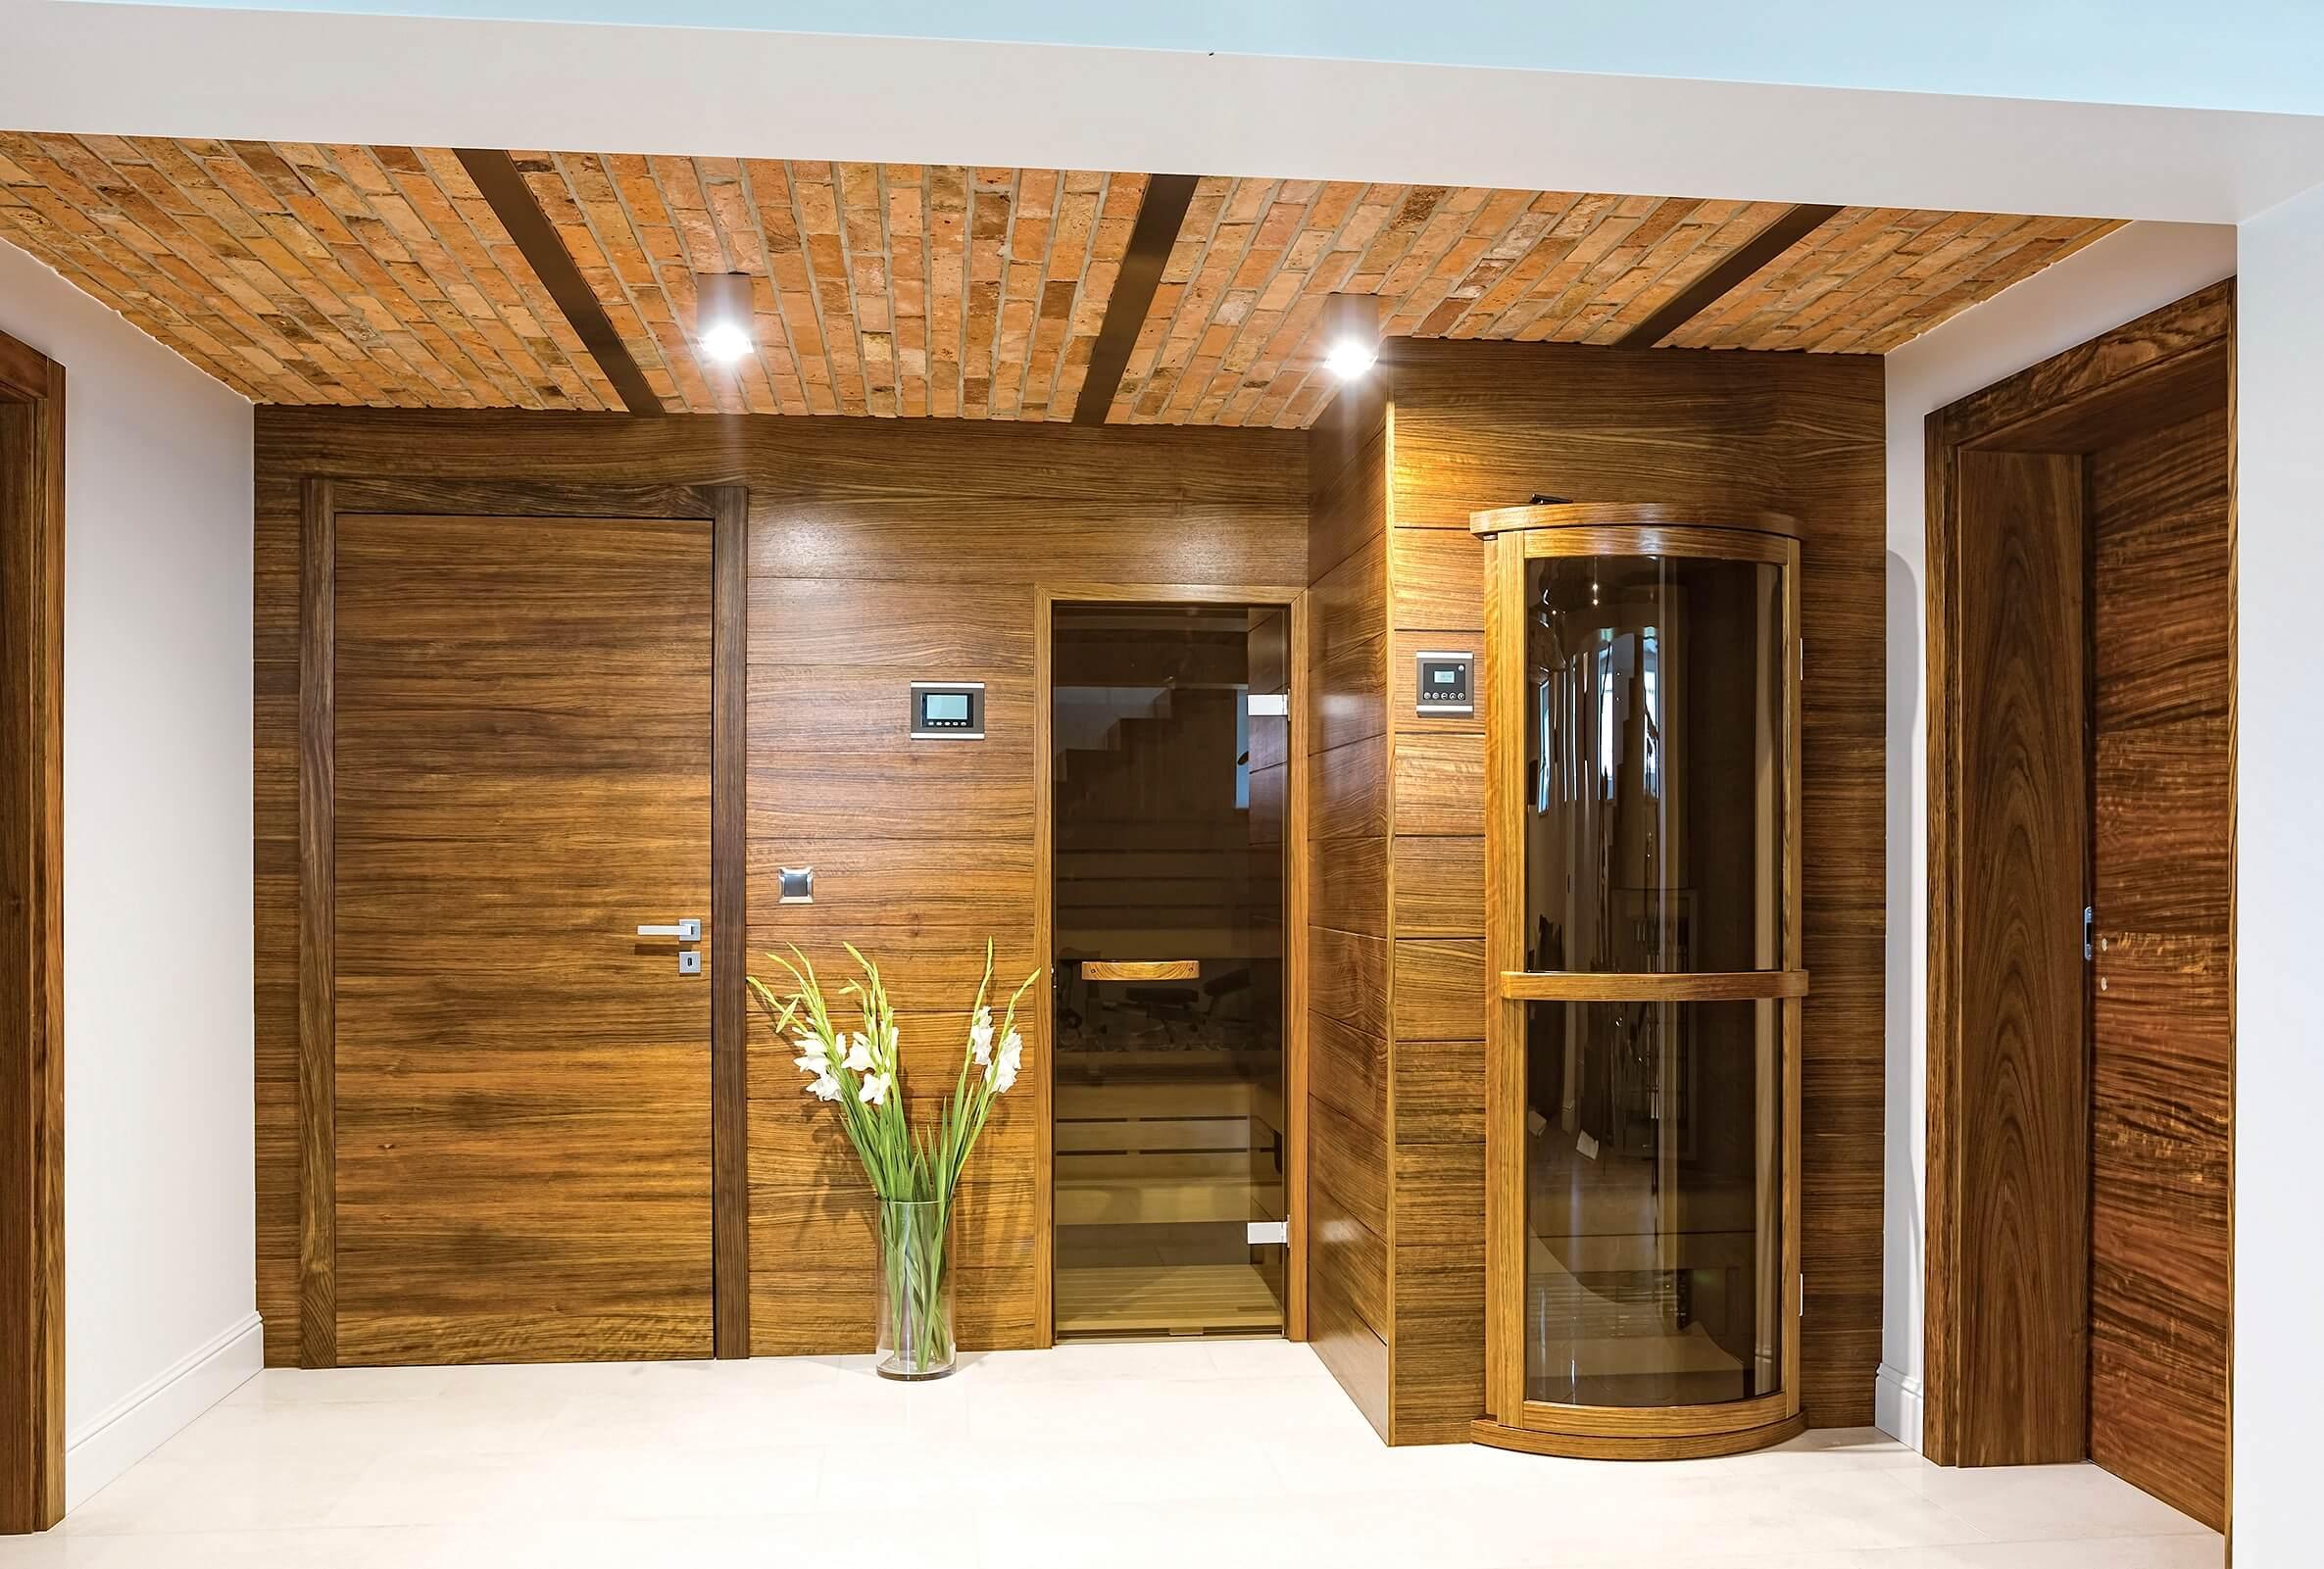 aranżacja piwnicy - sauny